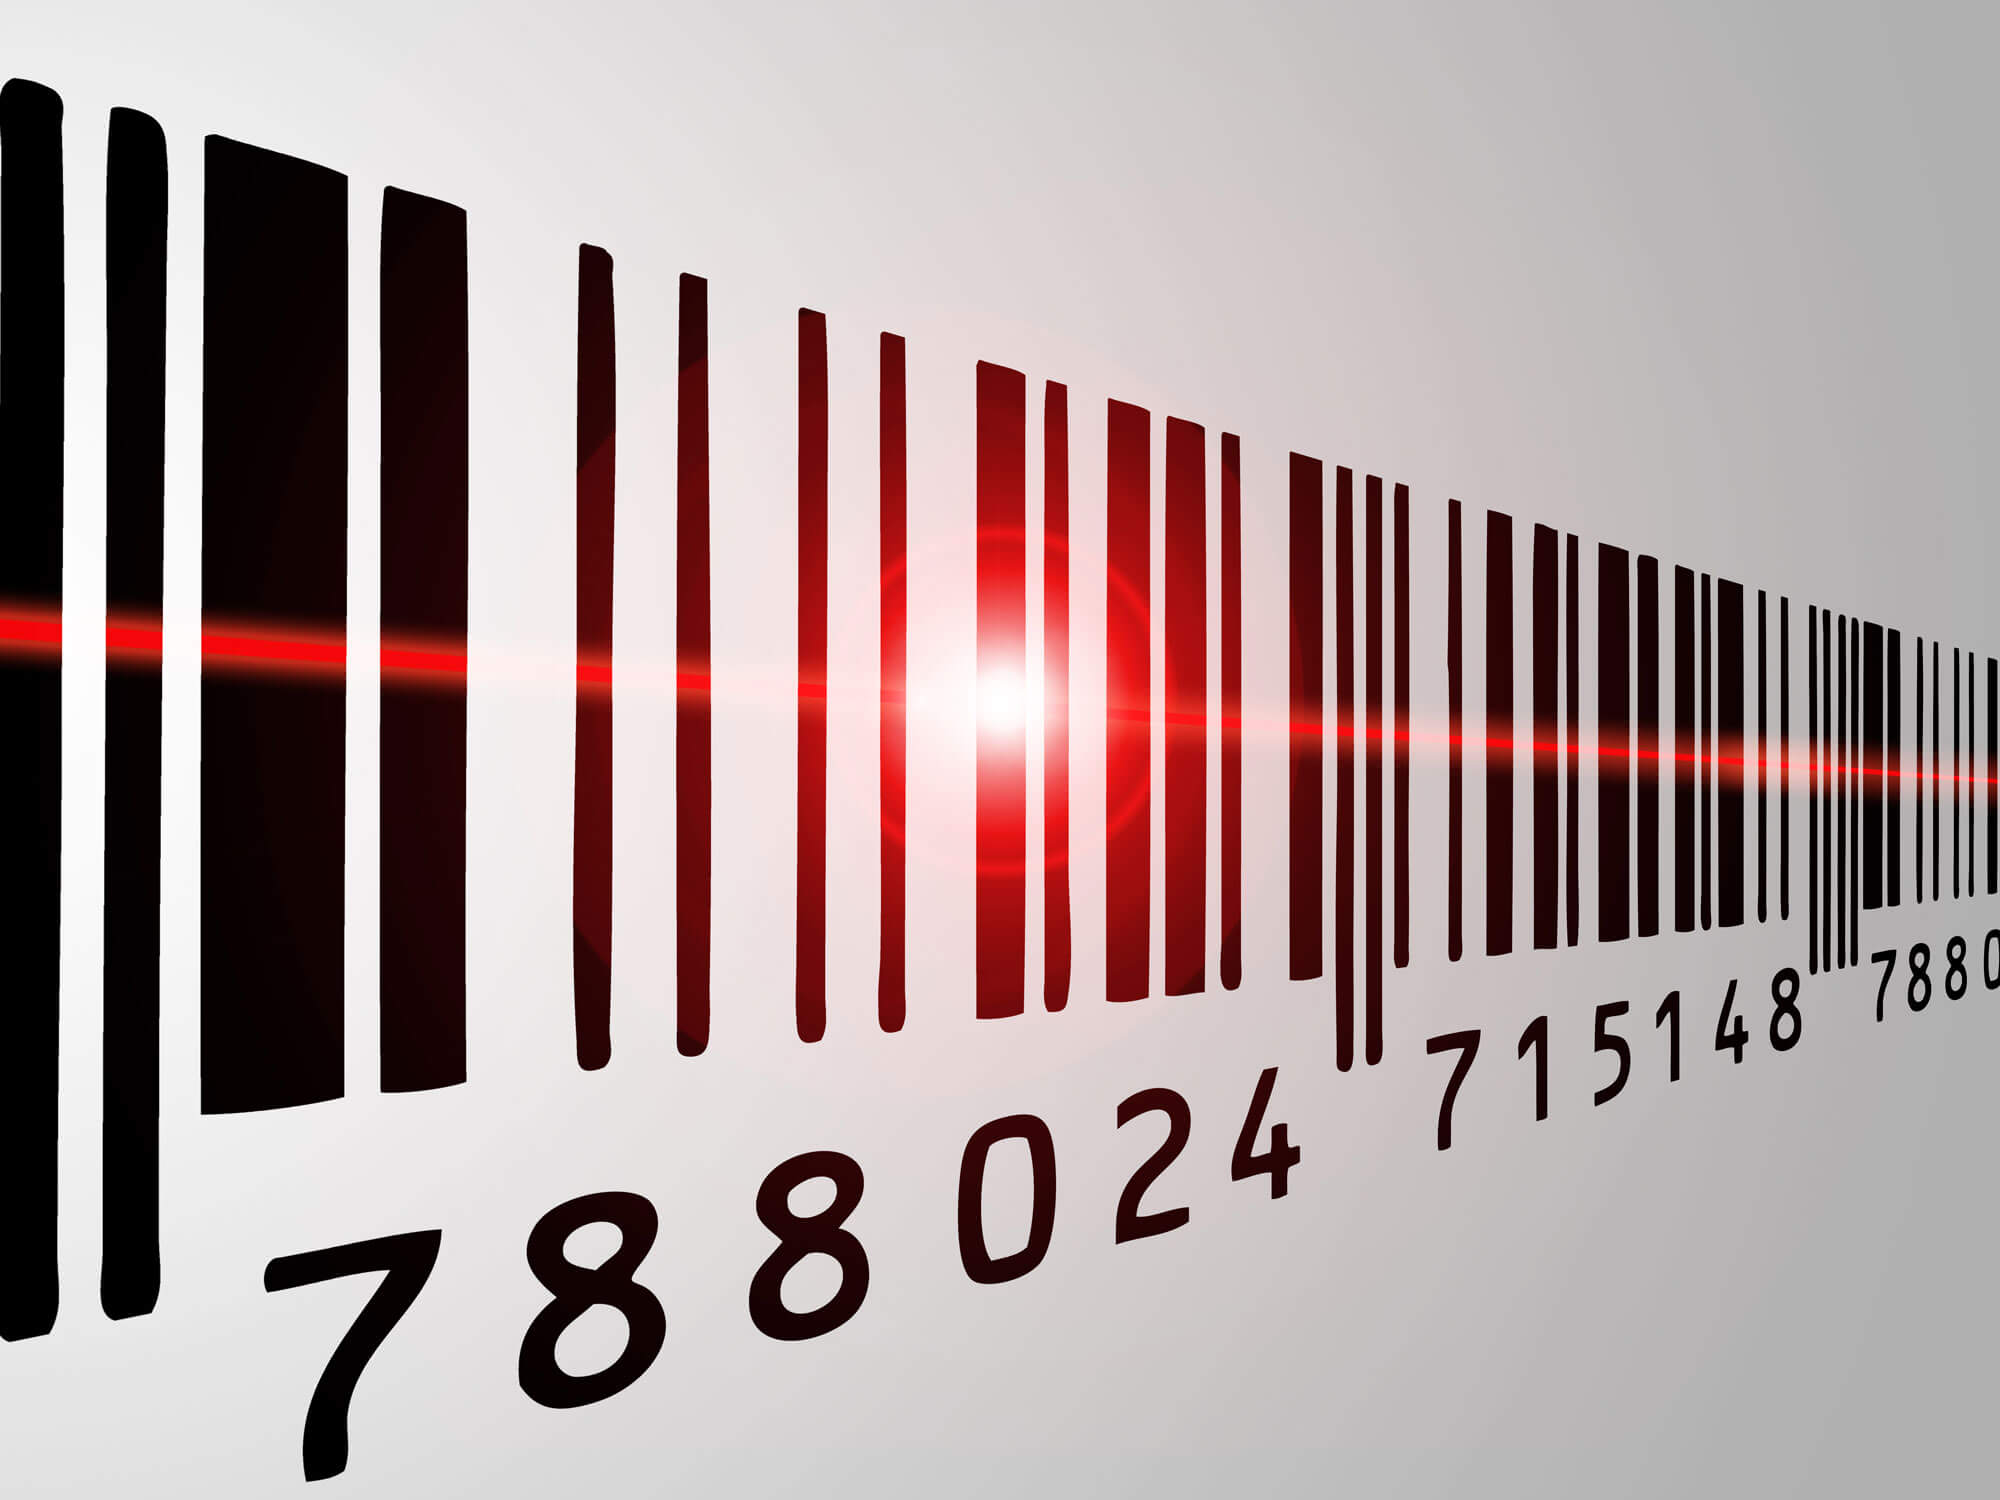 Lịch sử nhận dạng mã vạch